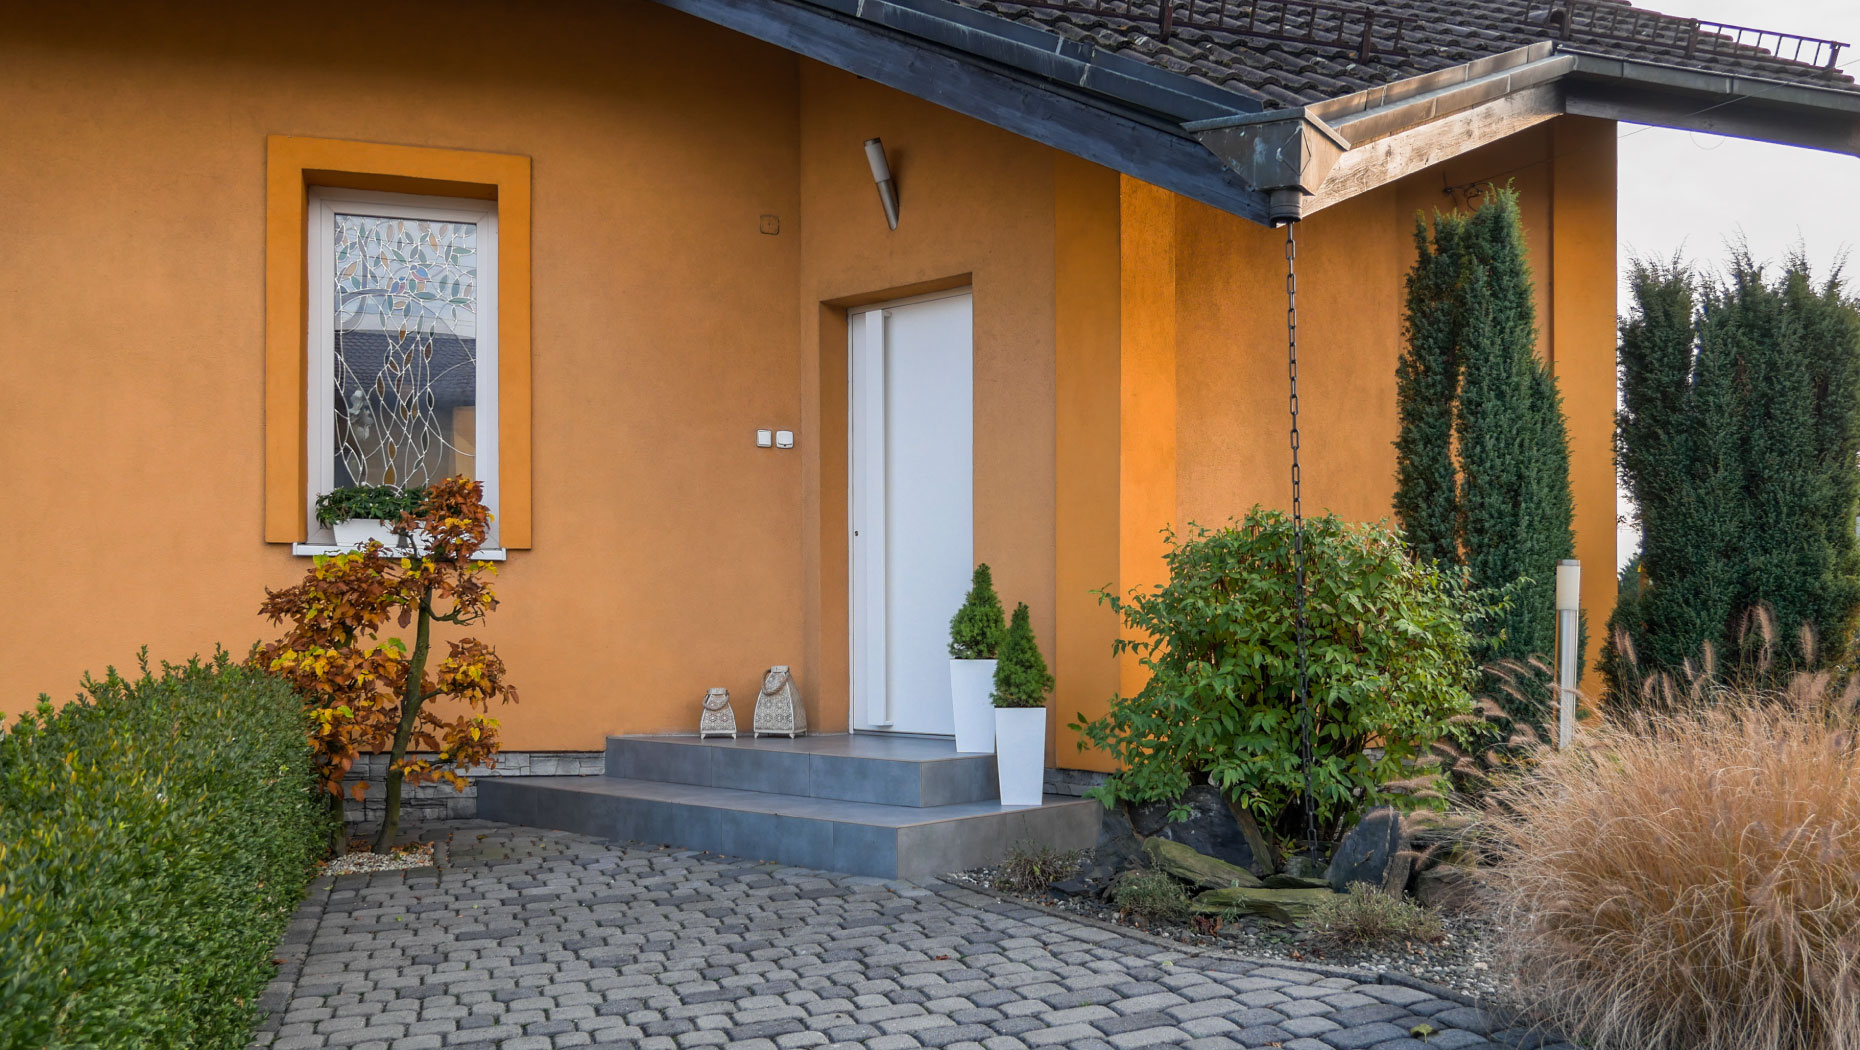 drzwi-do-domu-molitor-7-(1-of-1)